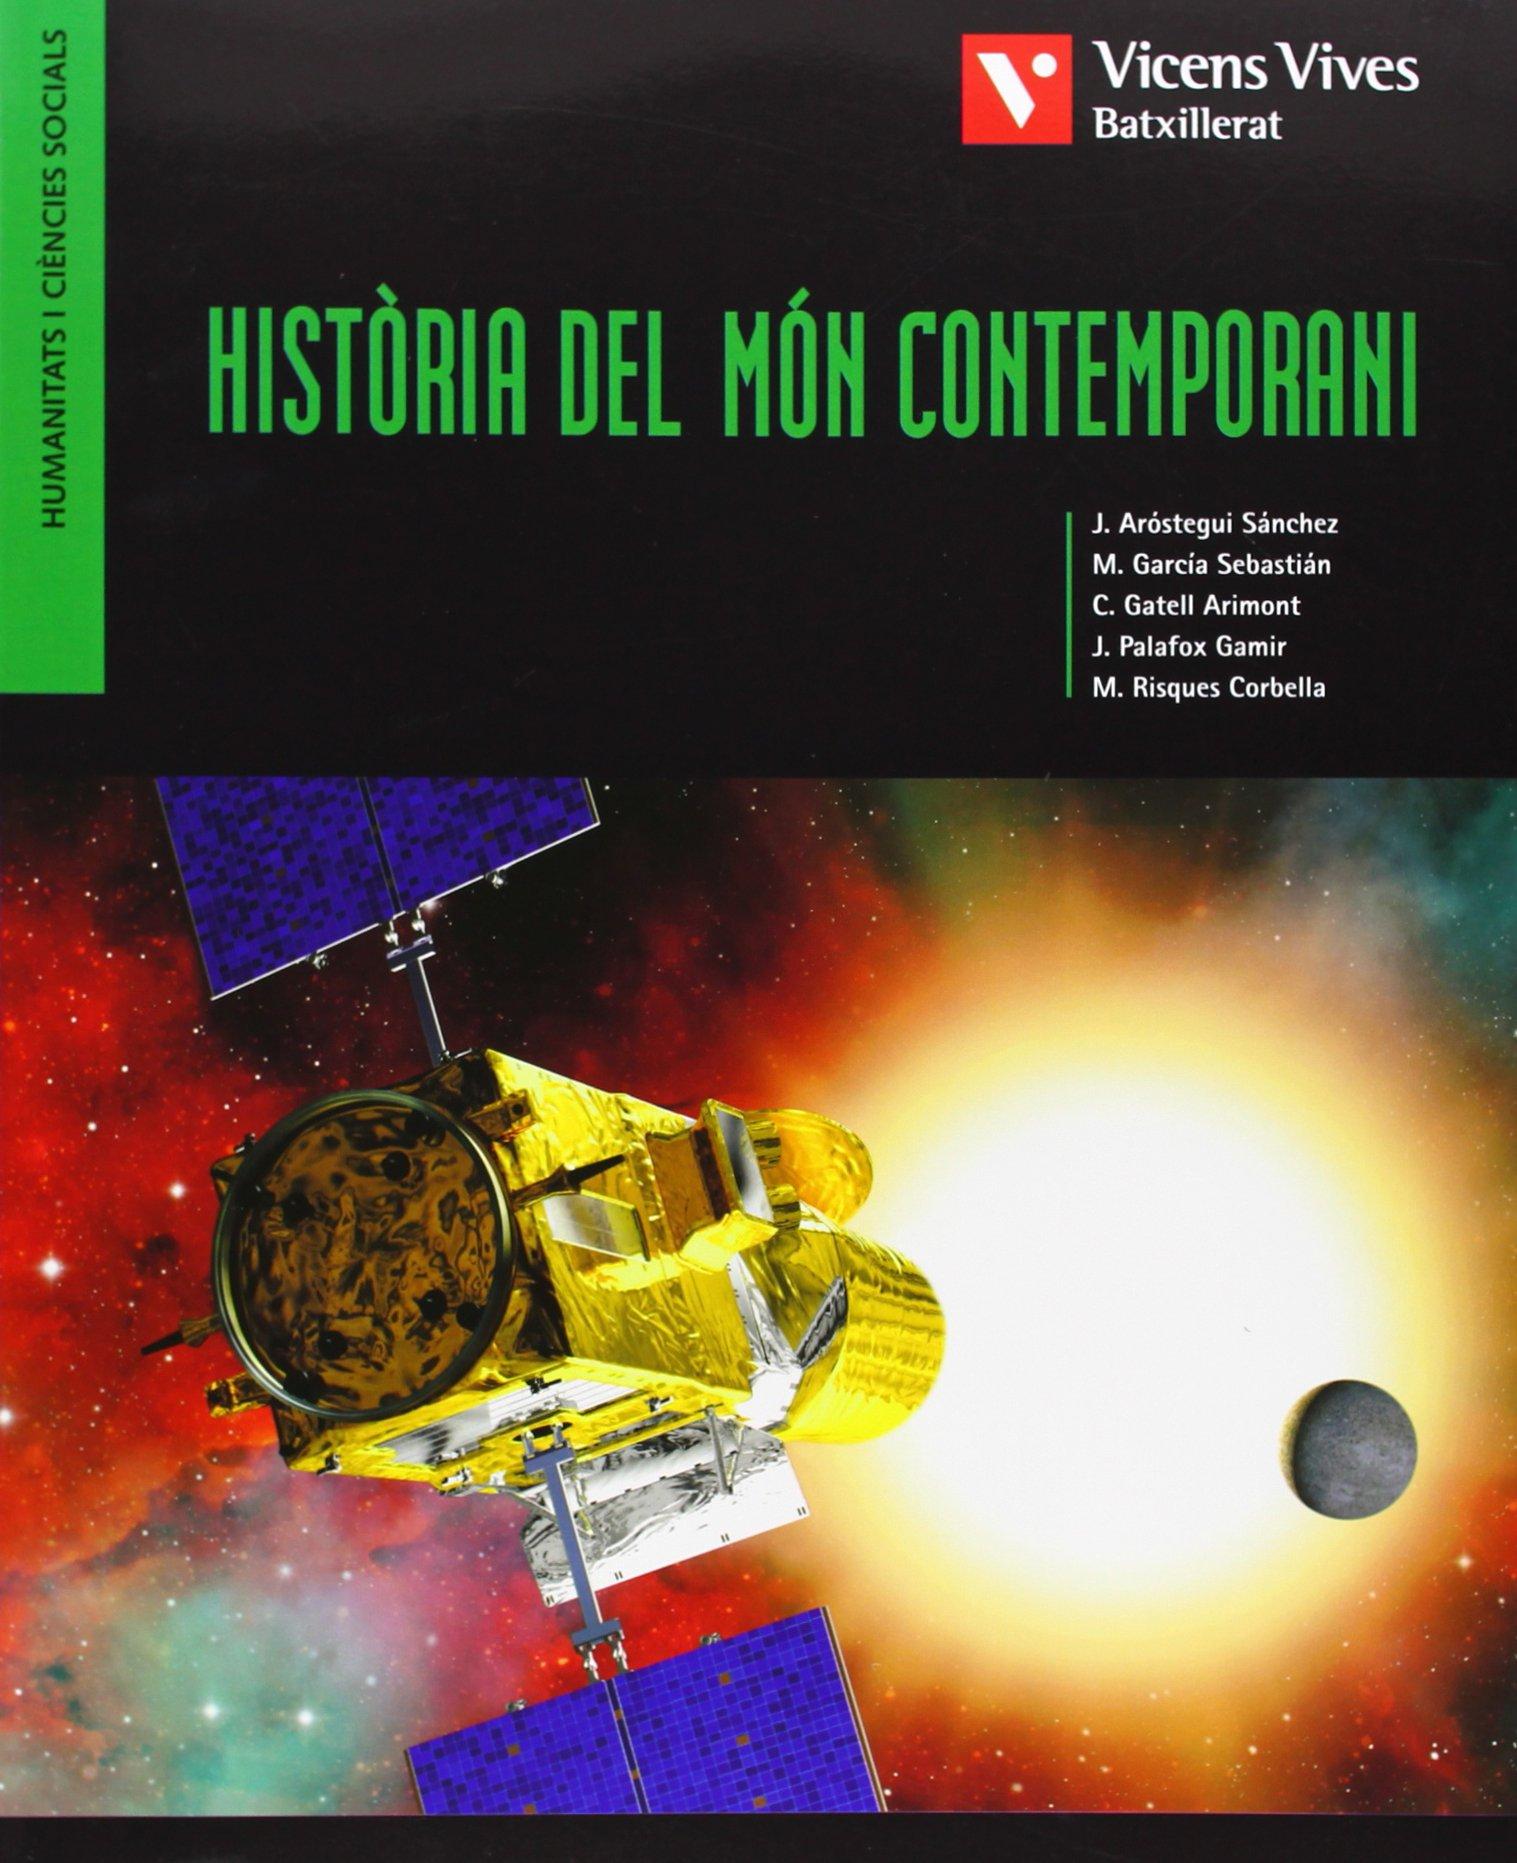 Historia Del Mon Contemporani - 9788431689308: Amazon.es: García Sebastián, M. . . . [et al. ]: Libros